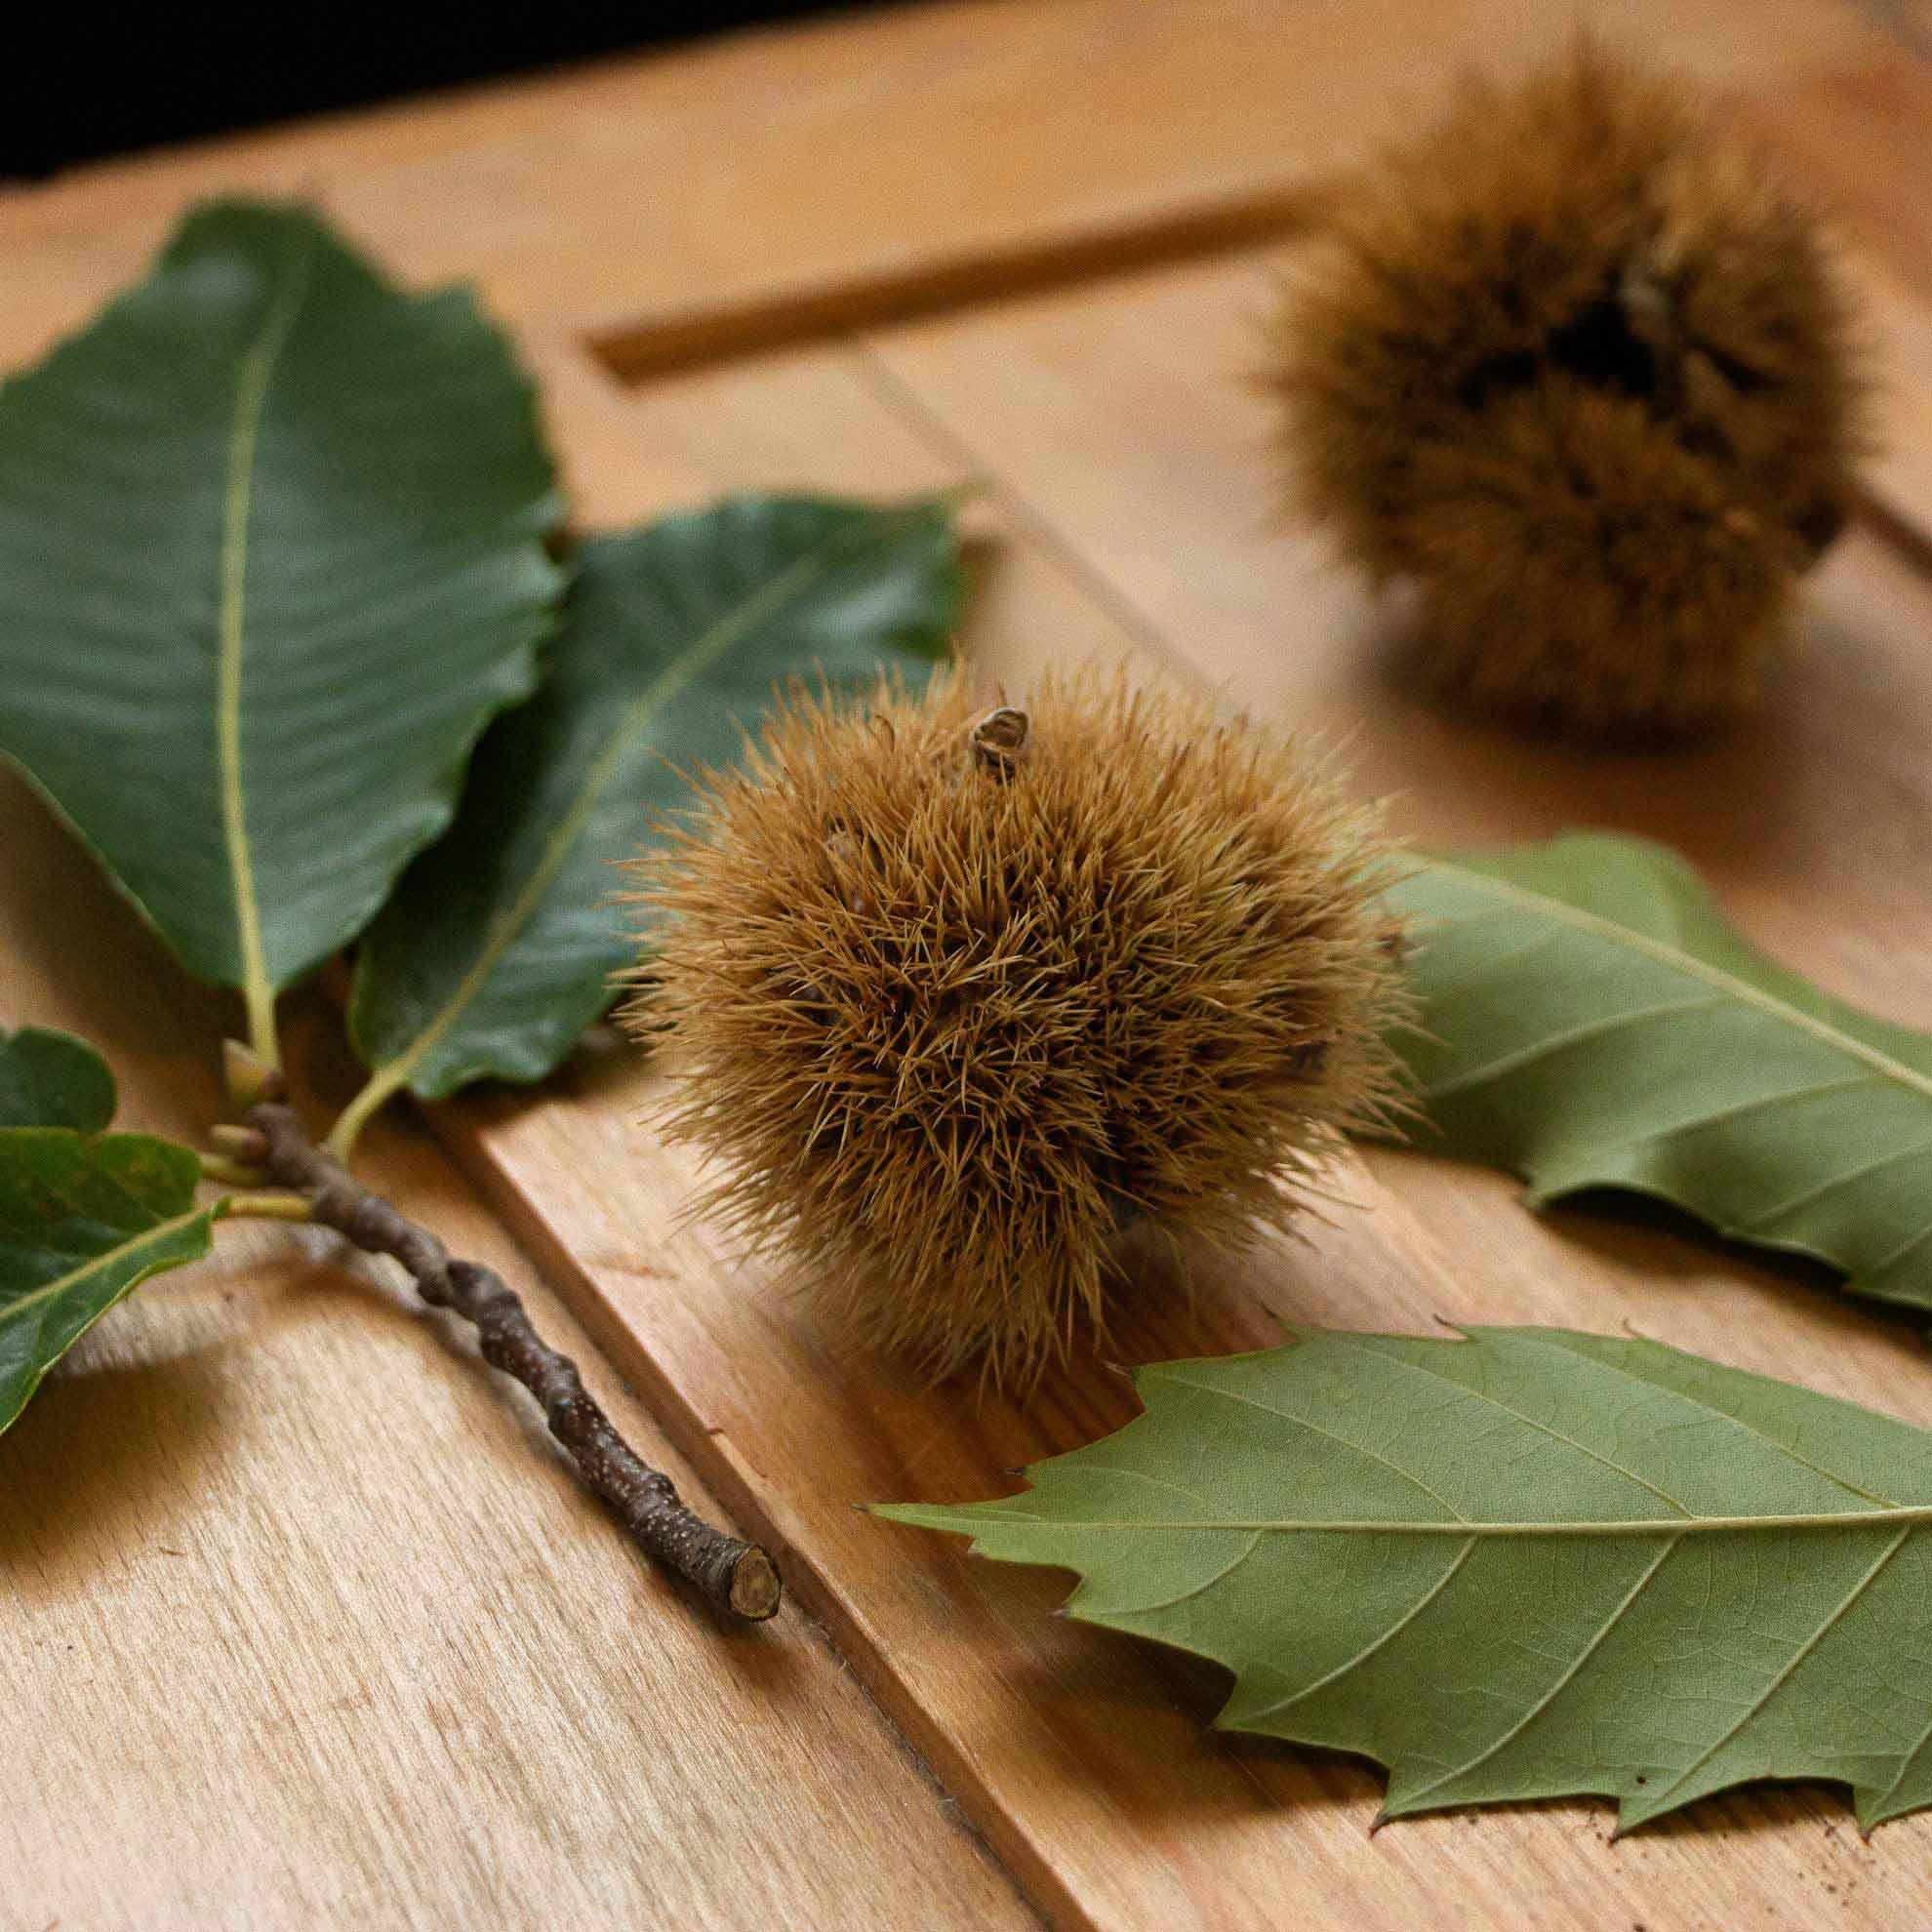 Herbal Hunter – Kräuterwissen. Alles zum Thema Wildkräuter und Heilpflanzen. Lerne Wildkräuter und Heilpflanzen finden, bestimmen und verarbeiten.